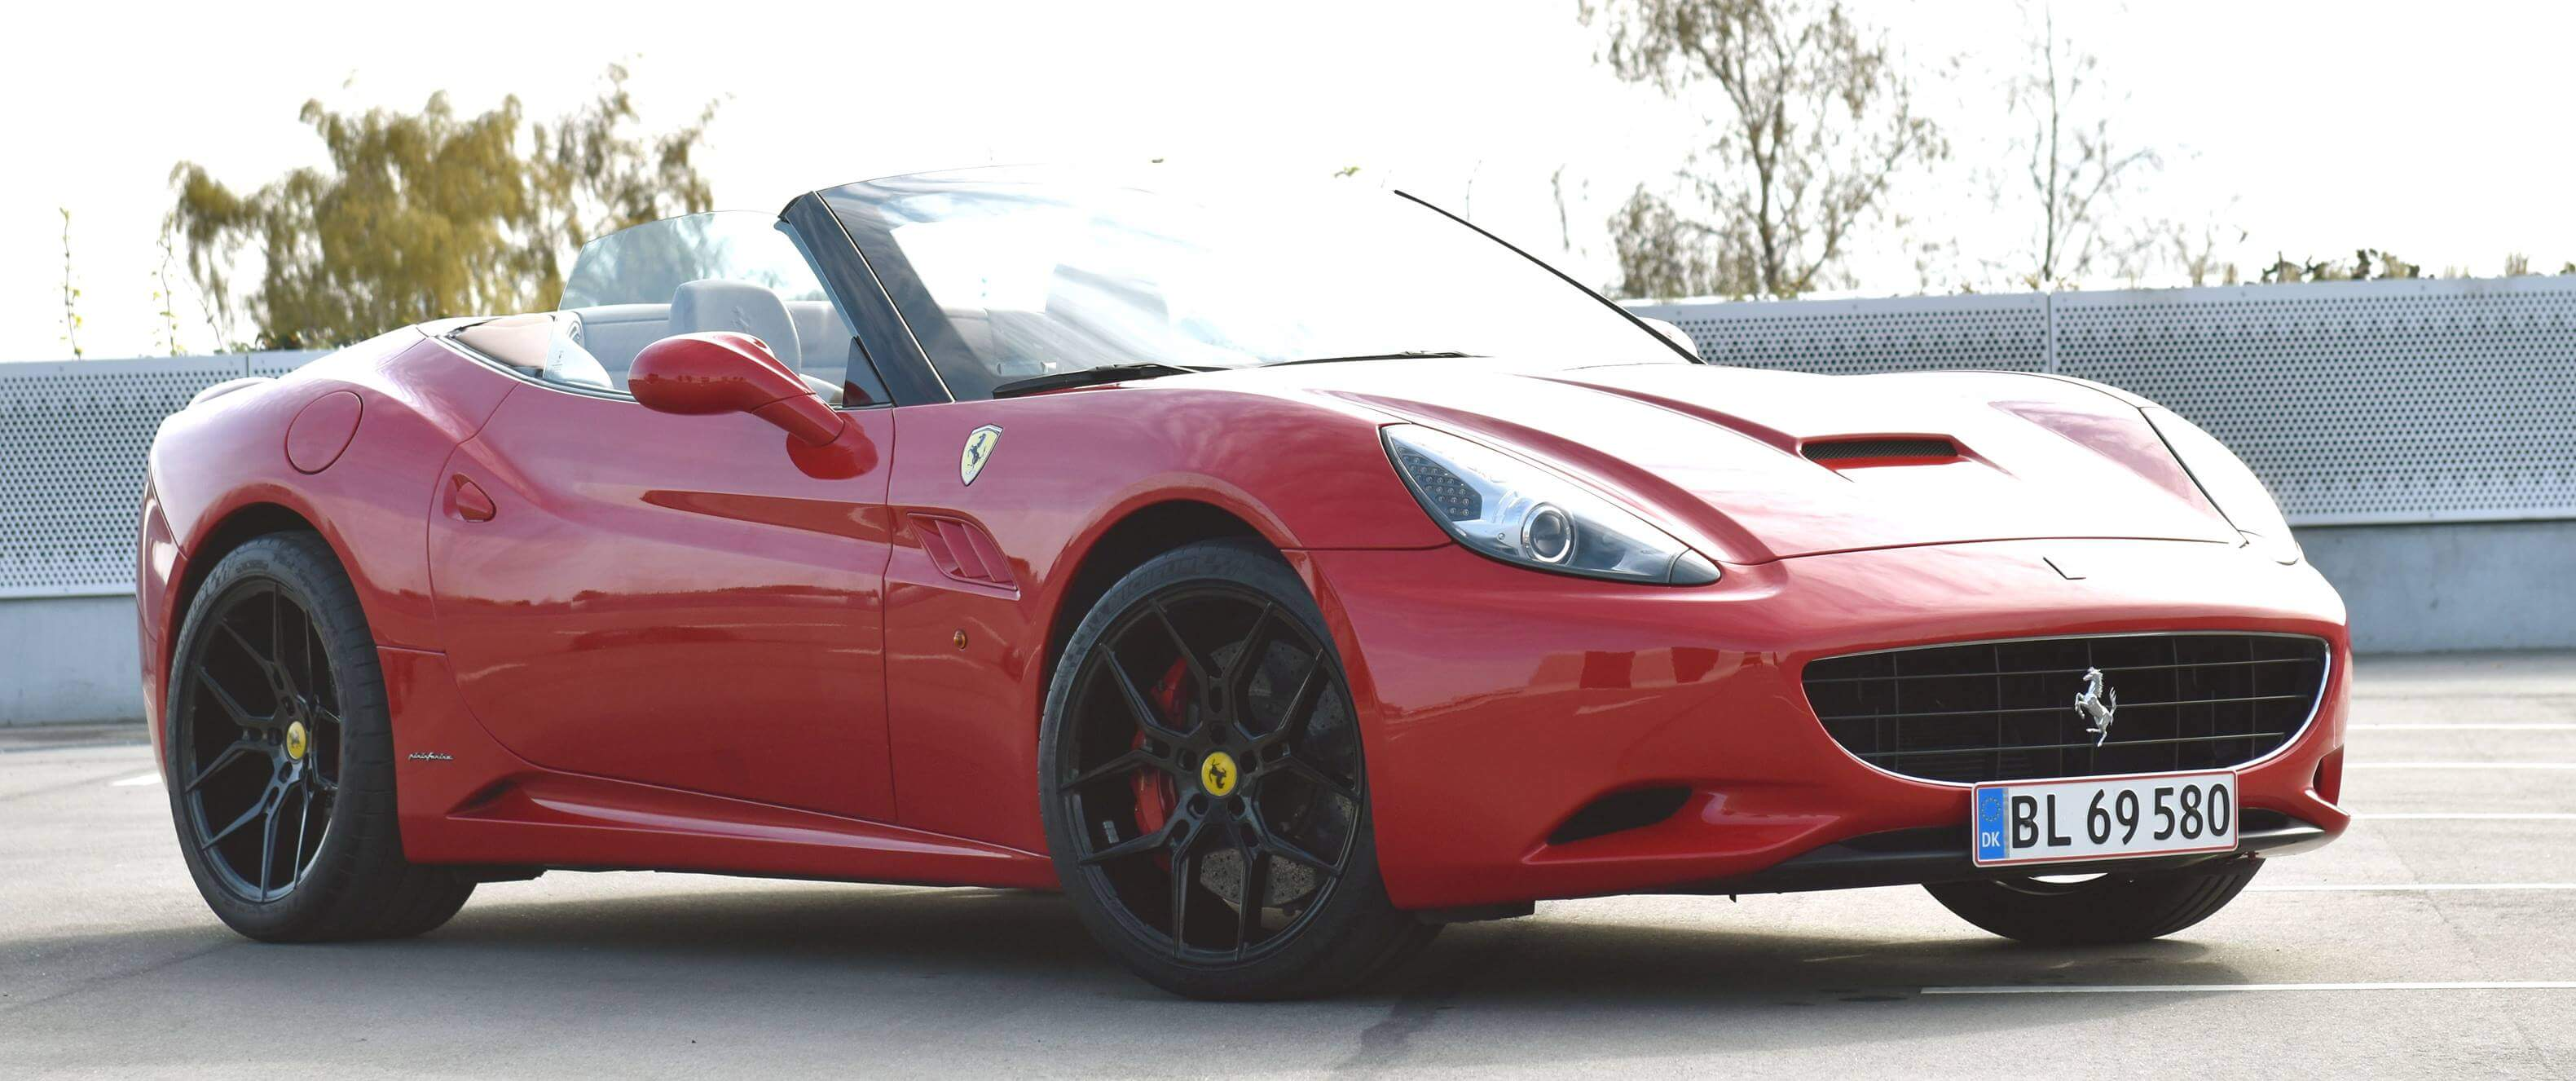 Dom: Ferrari larmede for meget ved 38 km/t